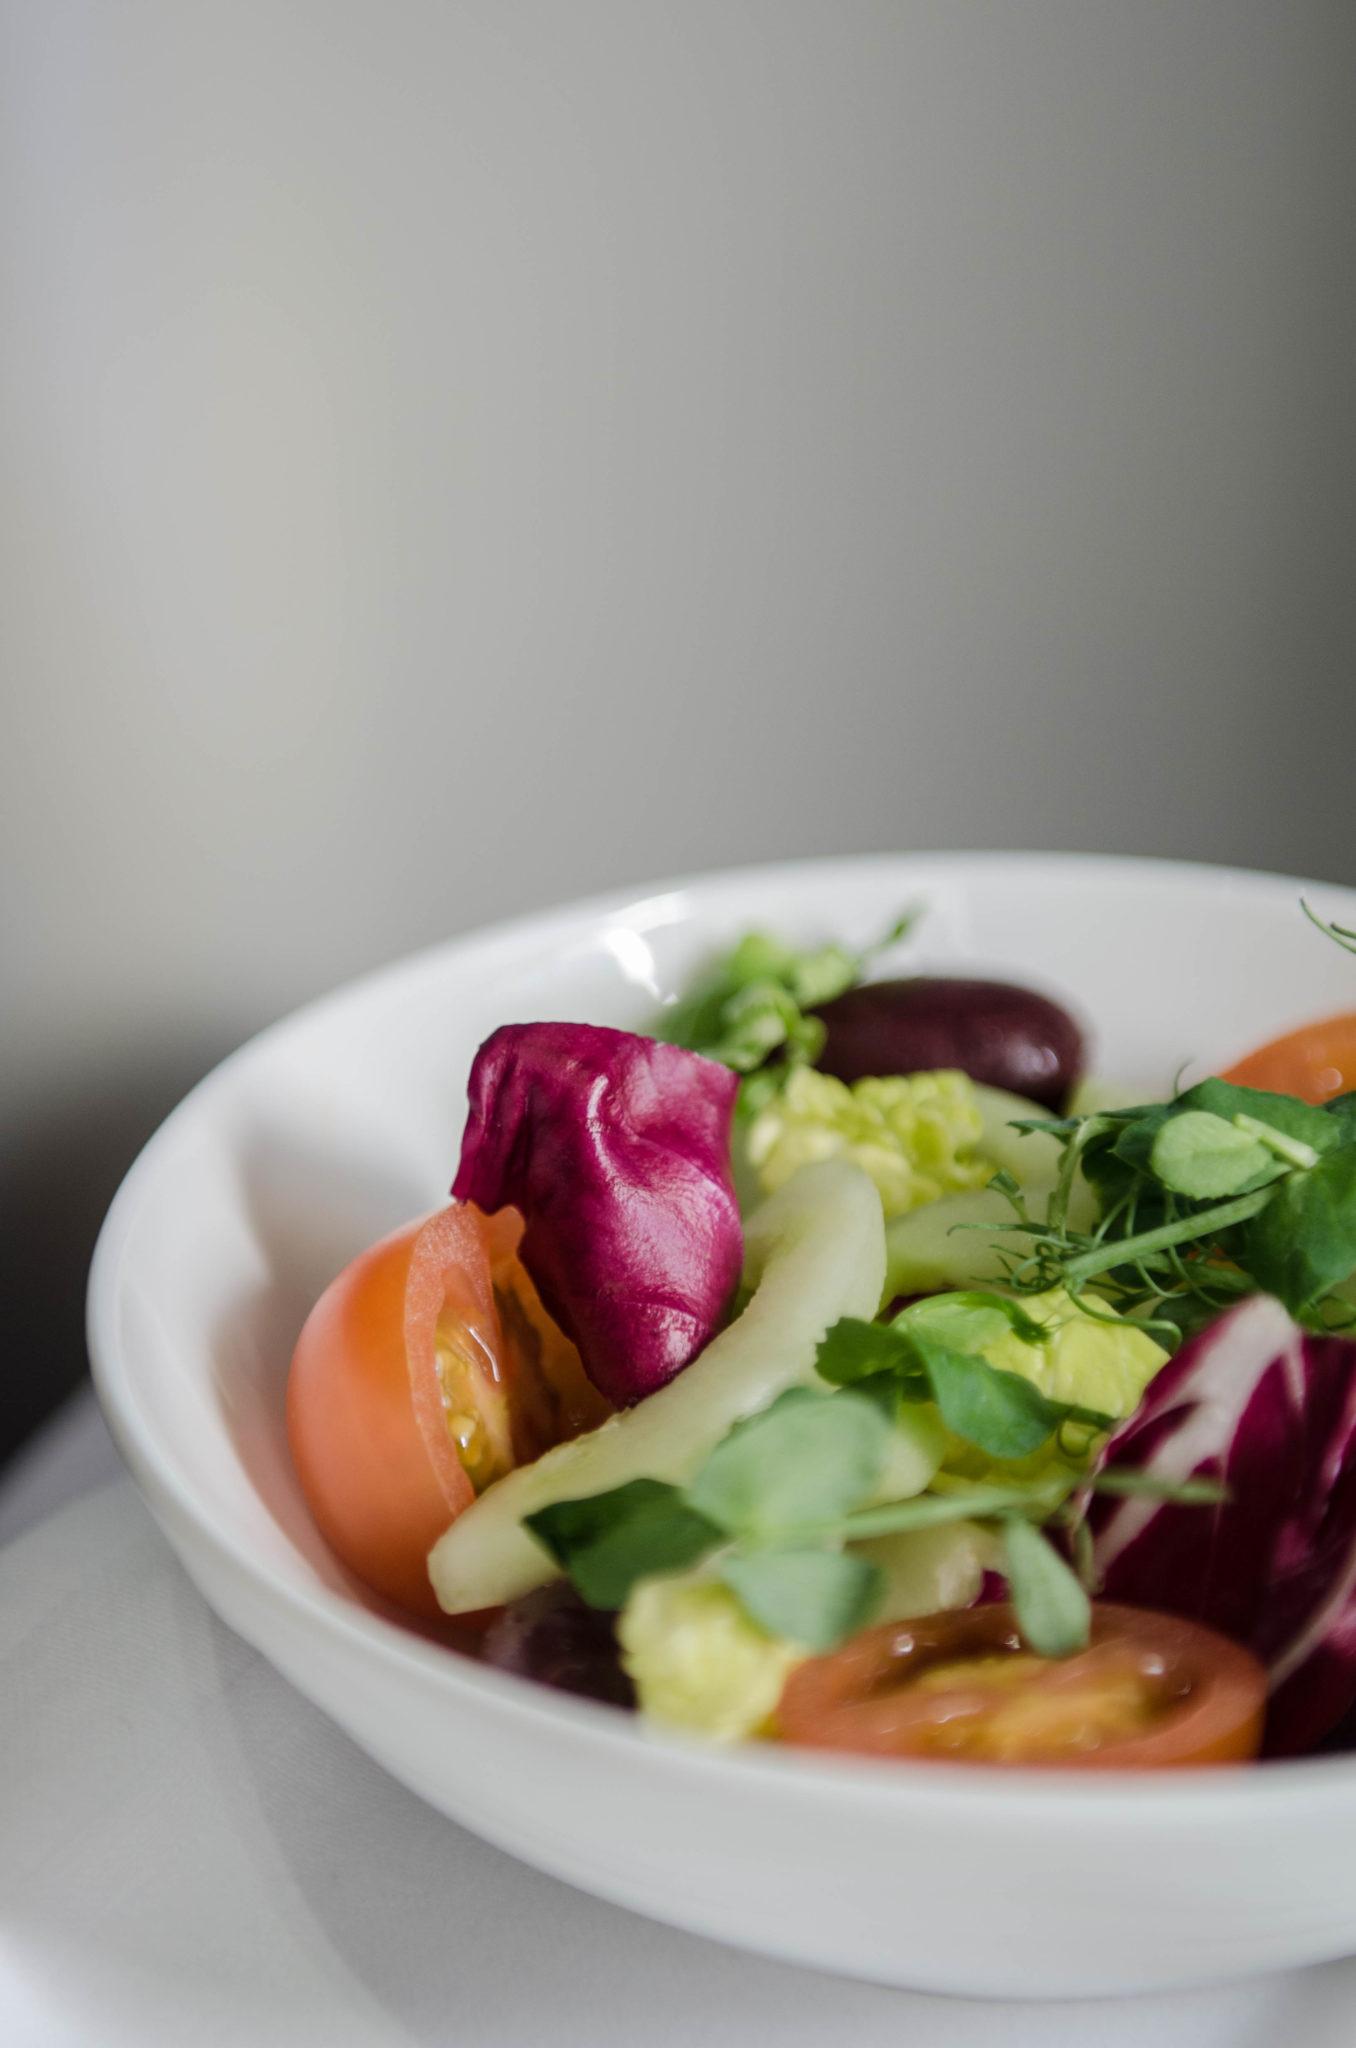 Emirates Business Class A380: Den Salat gibt es zu jedem Gericht dazu